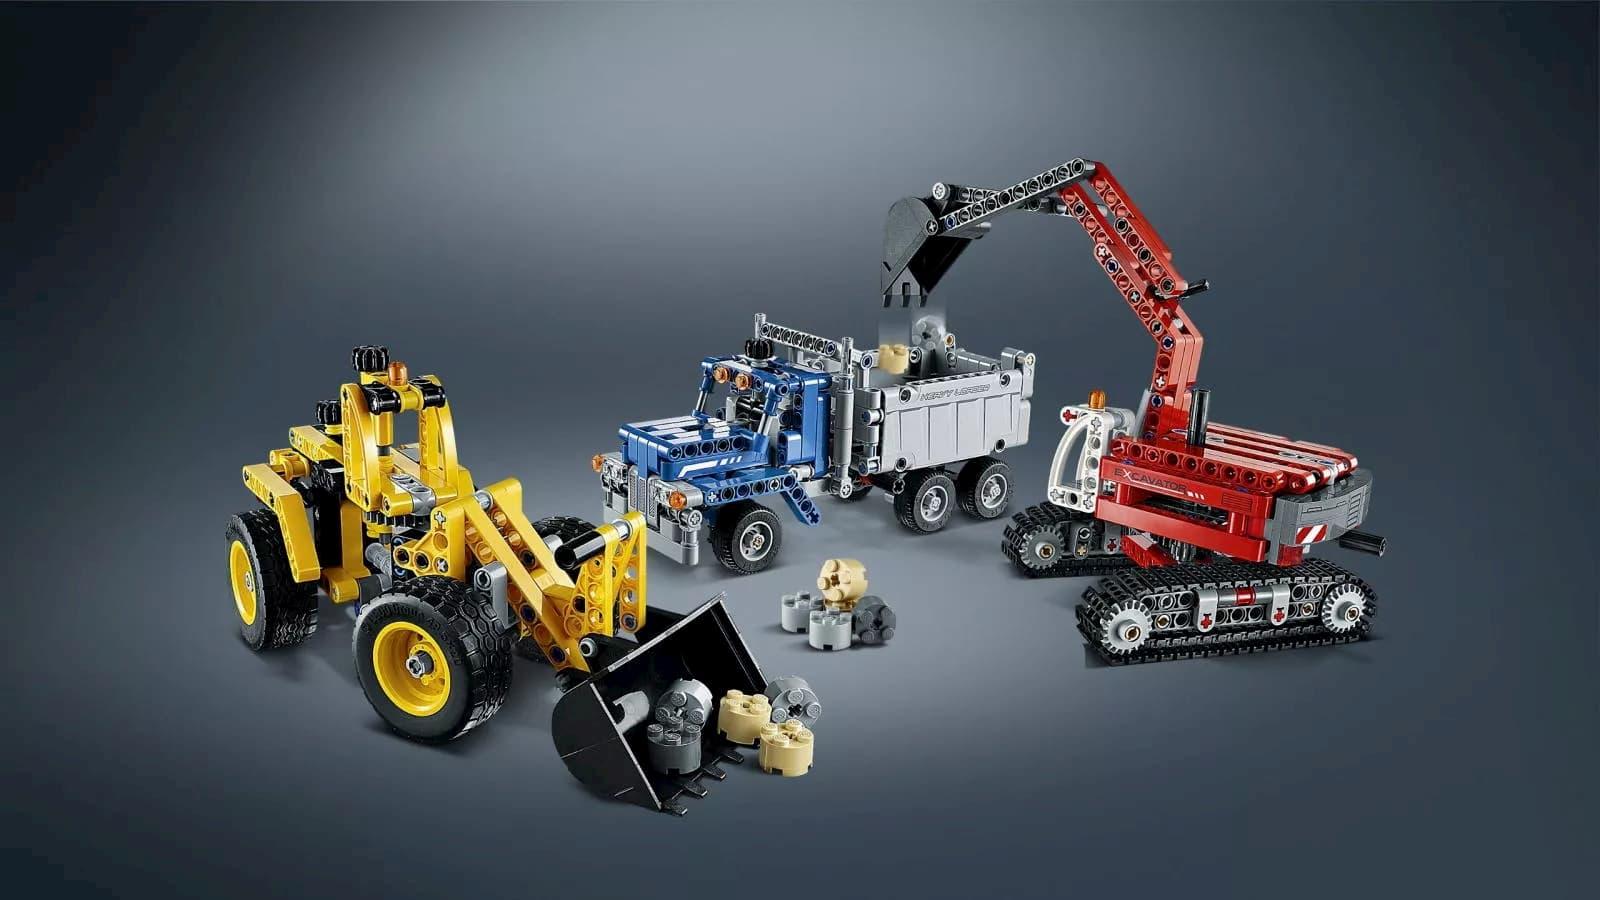 Конструктор Decool «Строительная команда» 3365 (Technic 42023) / 834 детали